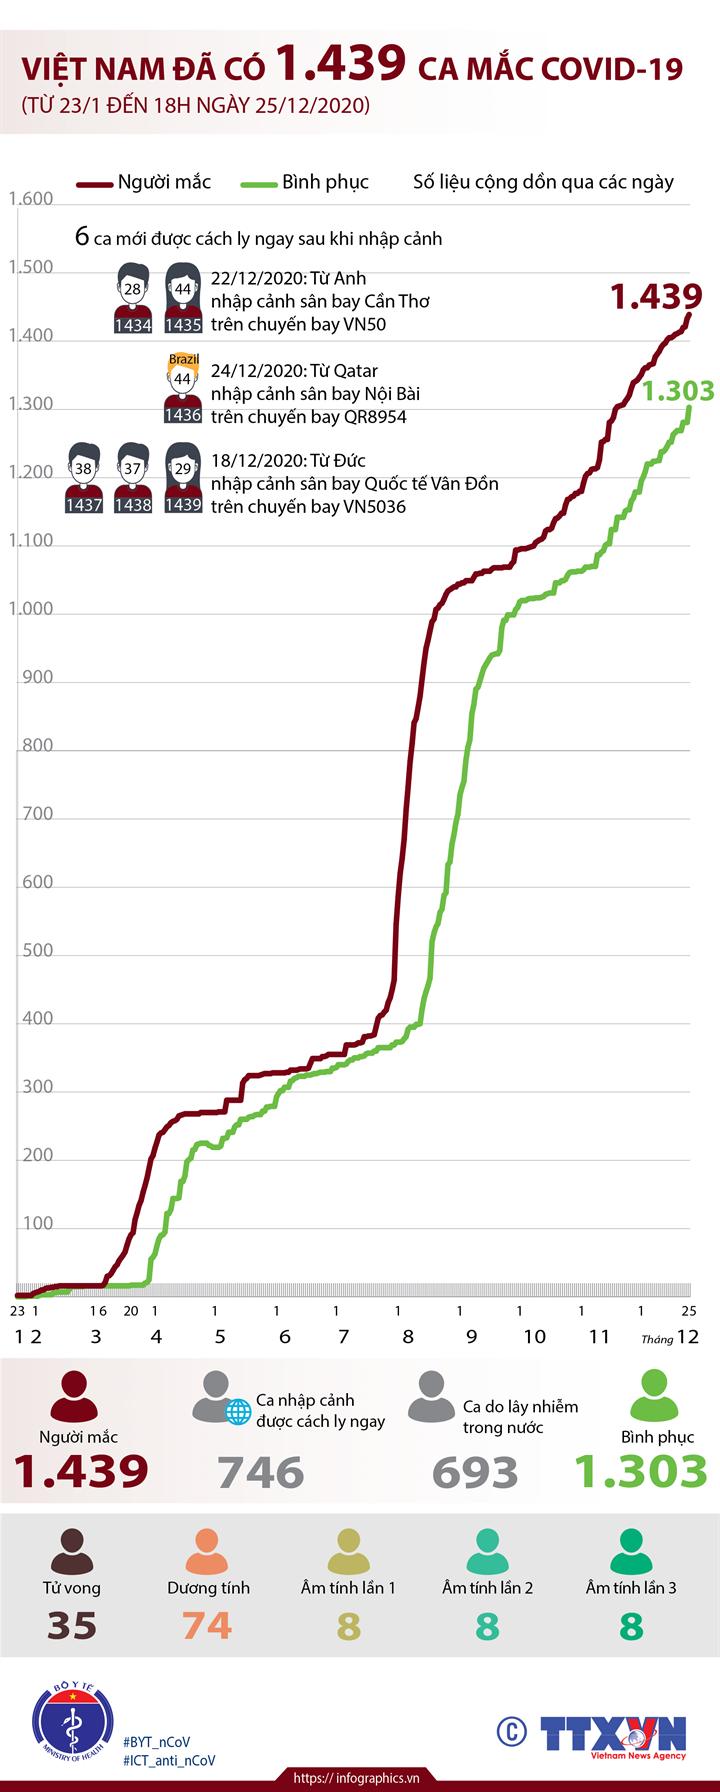 Việt Nam đã có 1.439 ca mắc COVID-19 (từ 23/1 đến 18h ngày 25/12/2020)